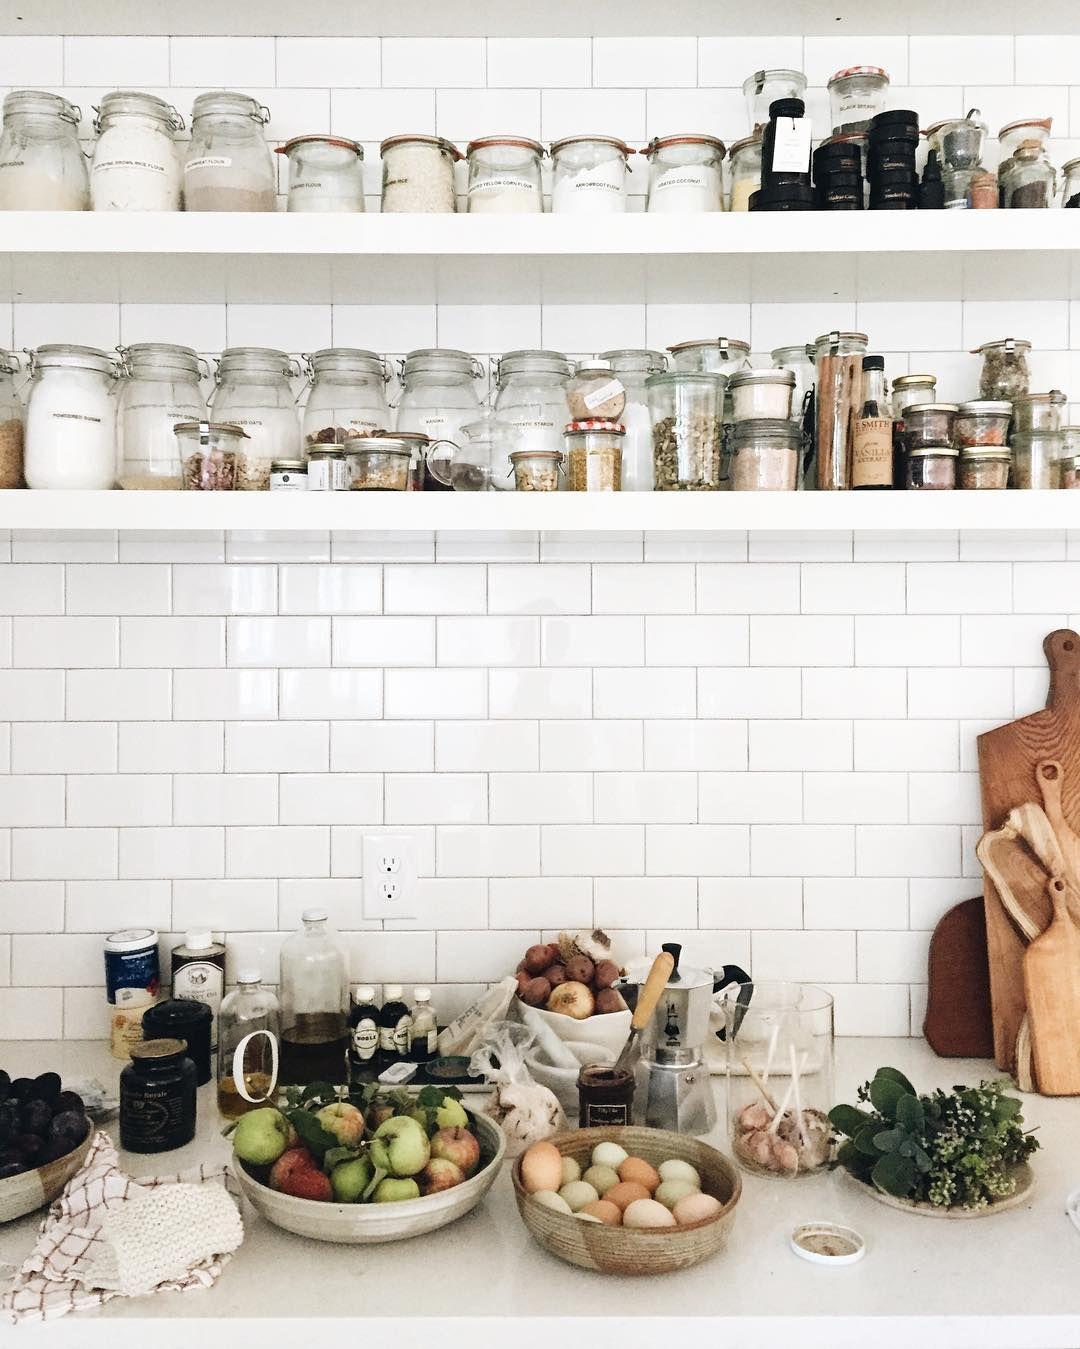 Großzügig Küche Drahtlagerregale Fotos - Die Besten Elektrischen ...